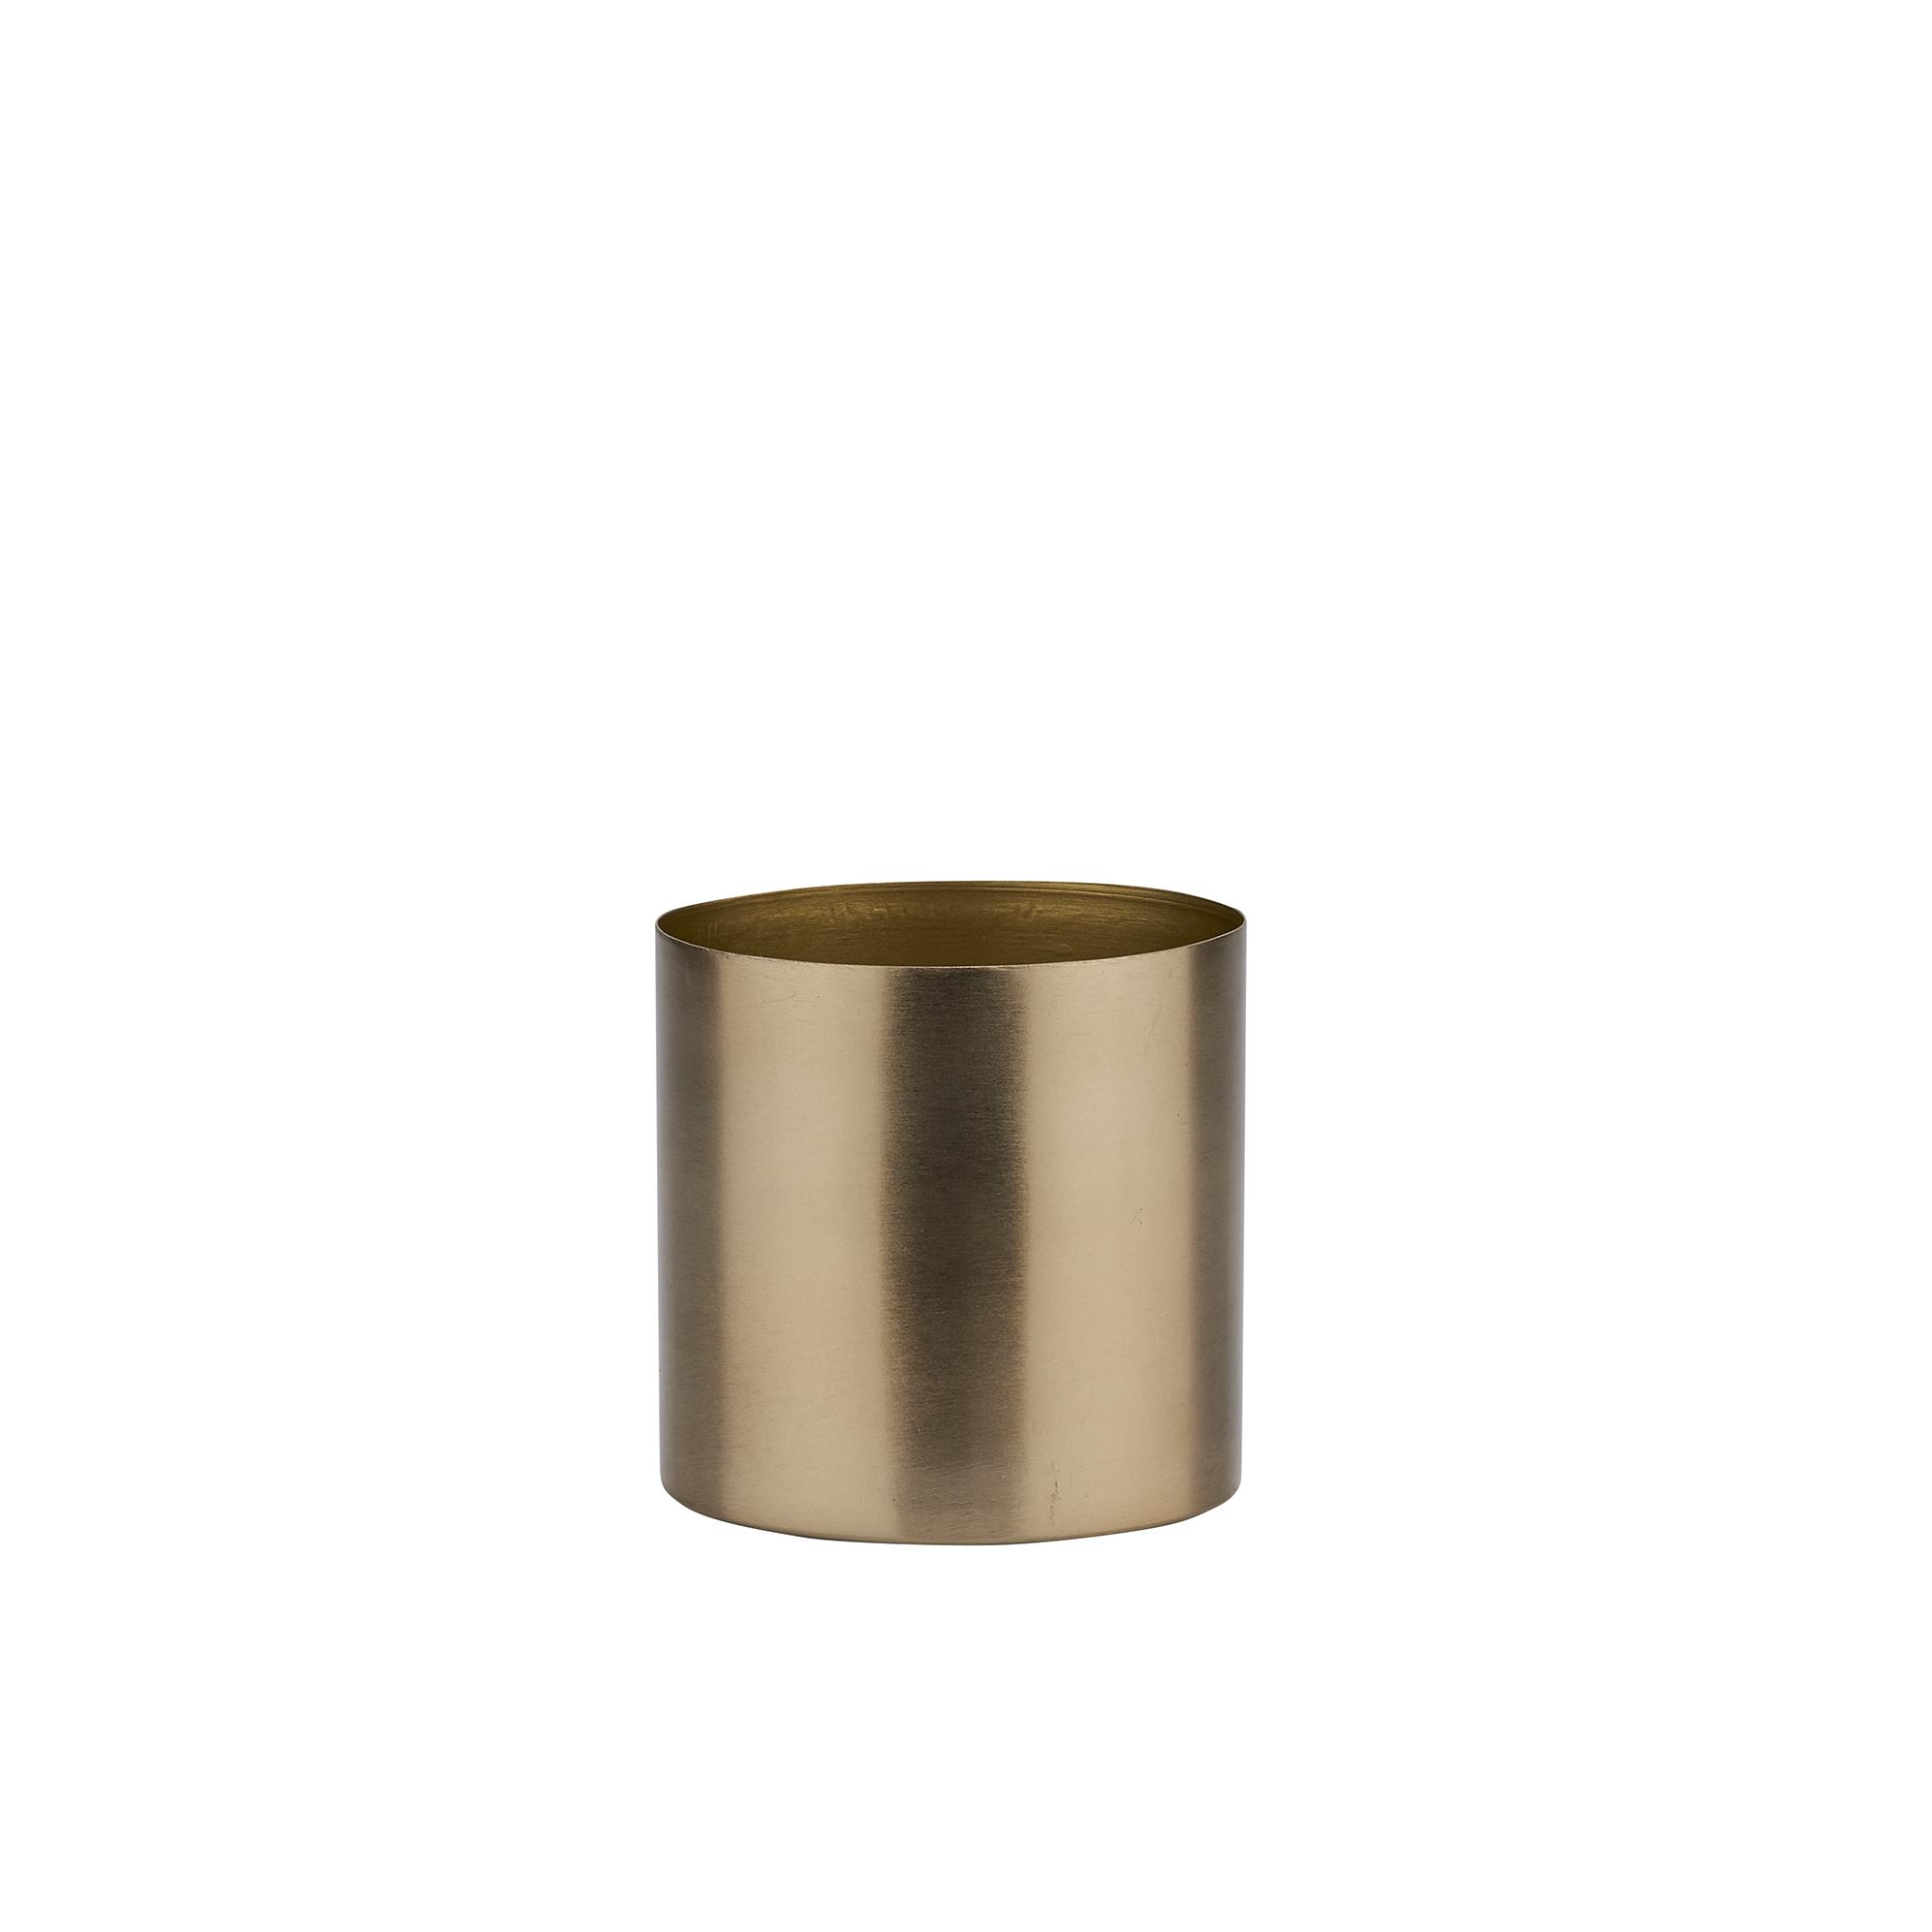 Горшок для цветов Bahne BH432313 золотой горшок